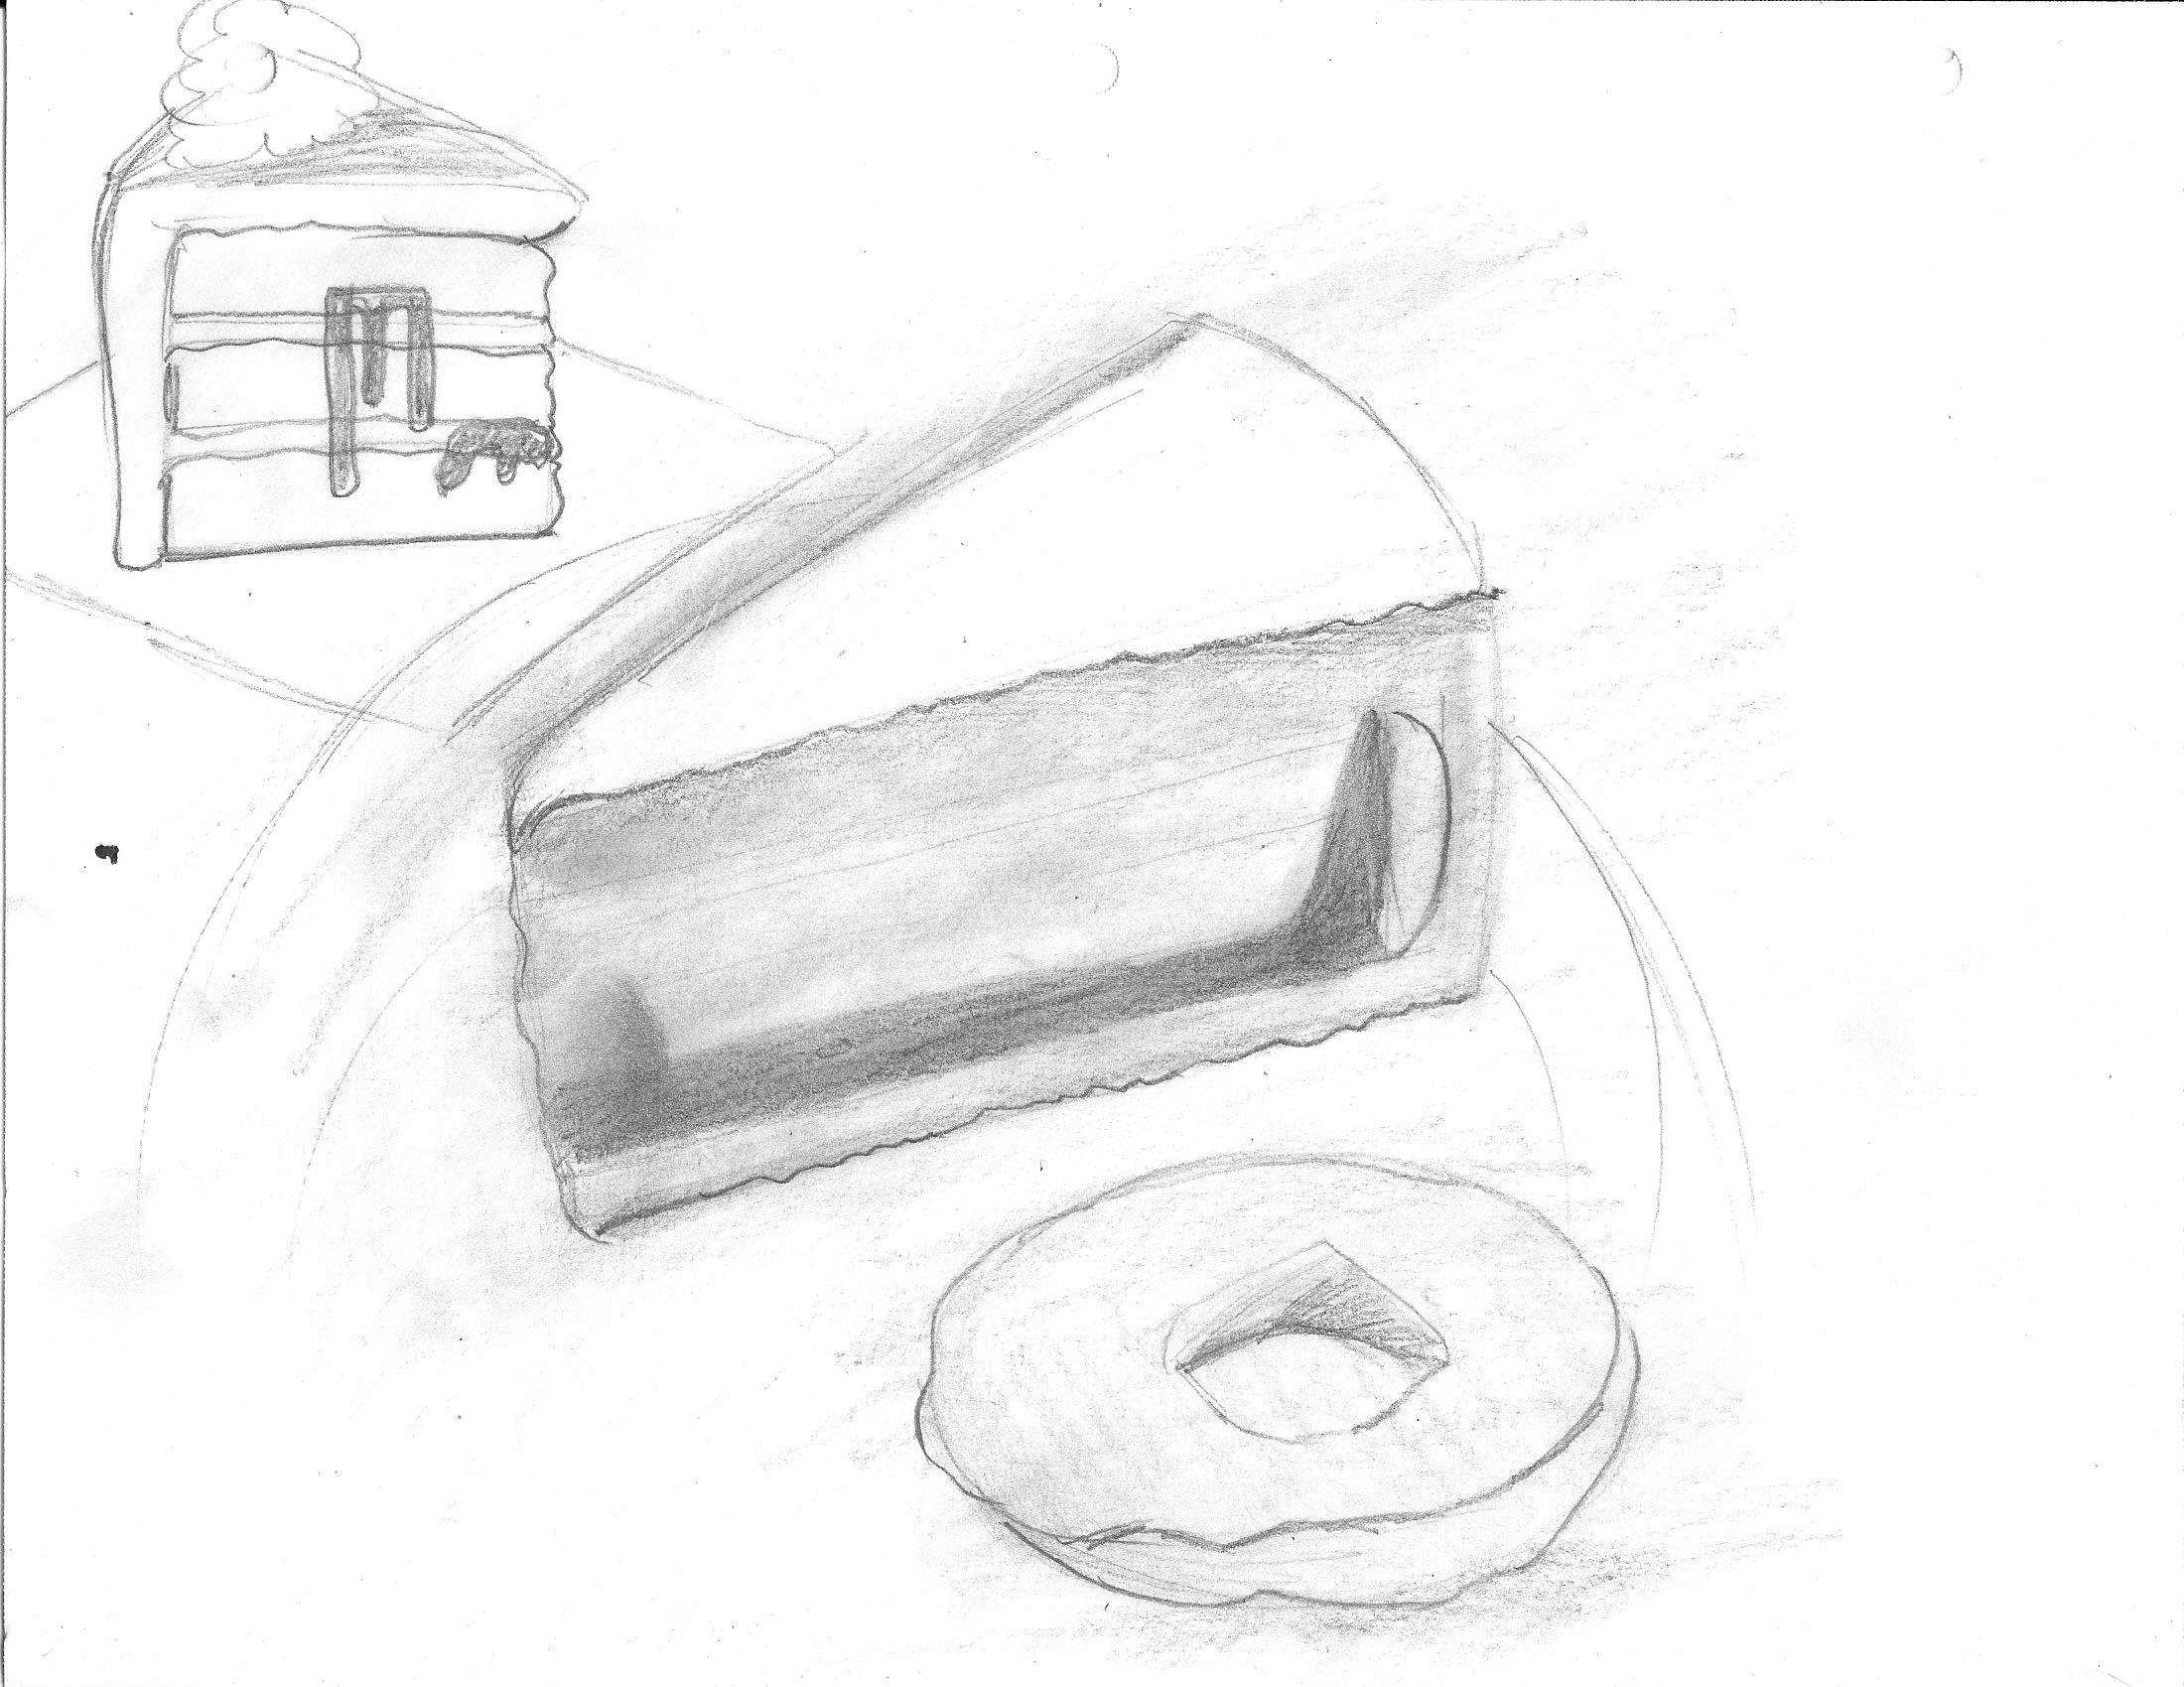 dessert sketches